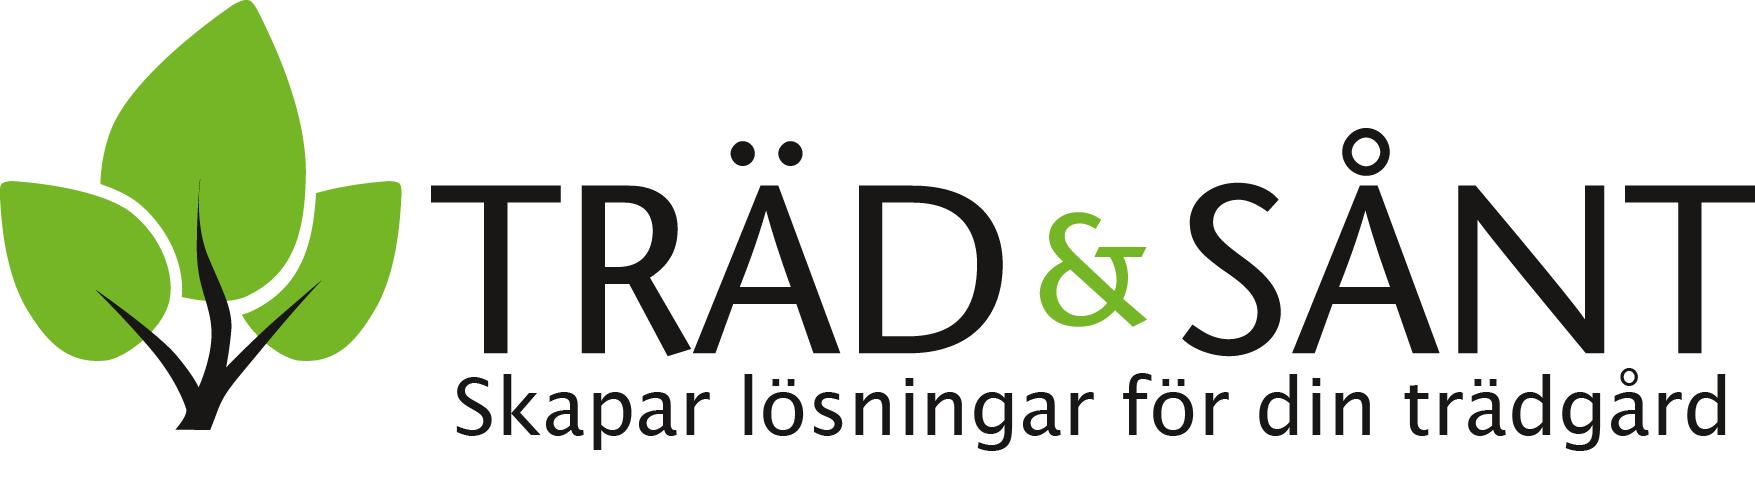 TRÄD & SÅNT